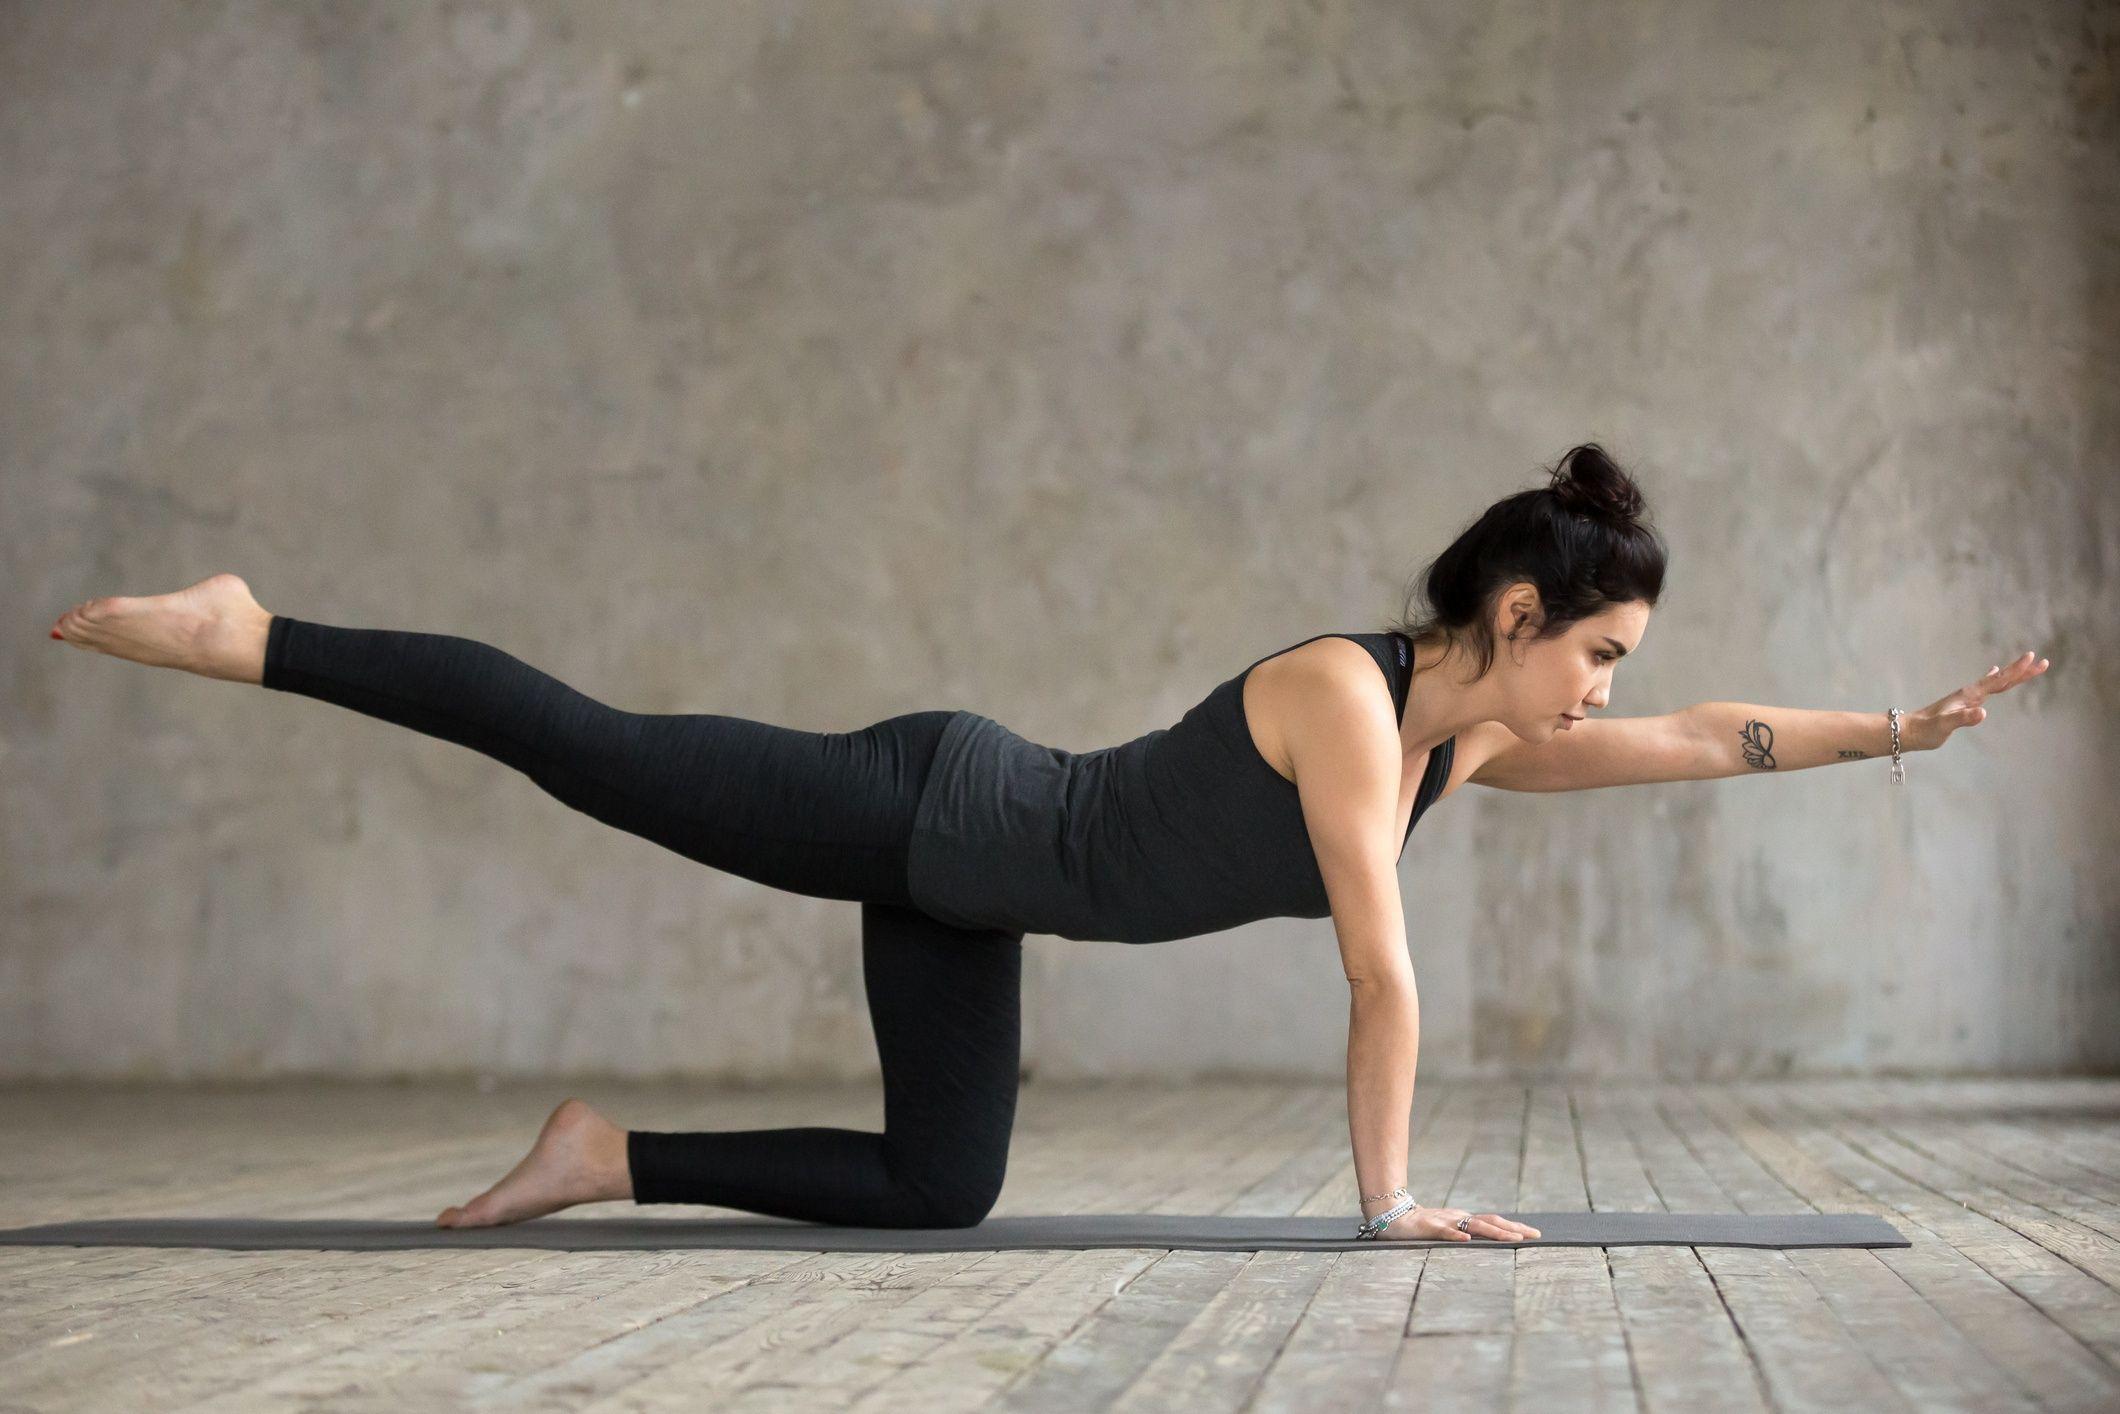 comment perdre la graisse au niveau du dos